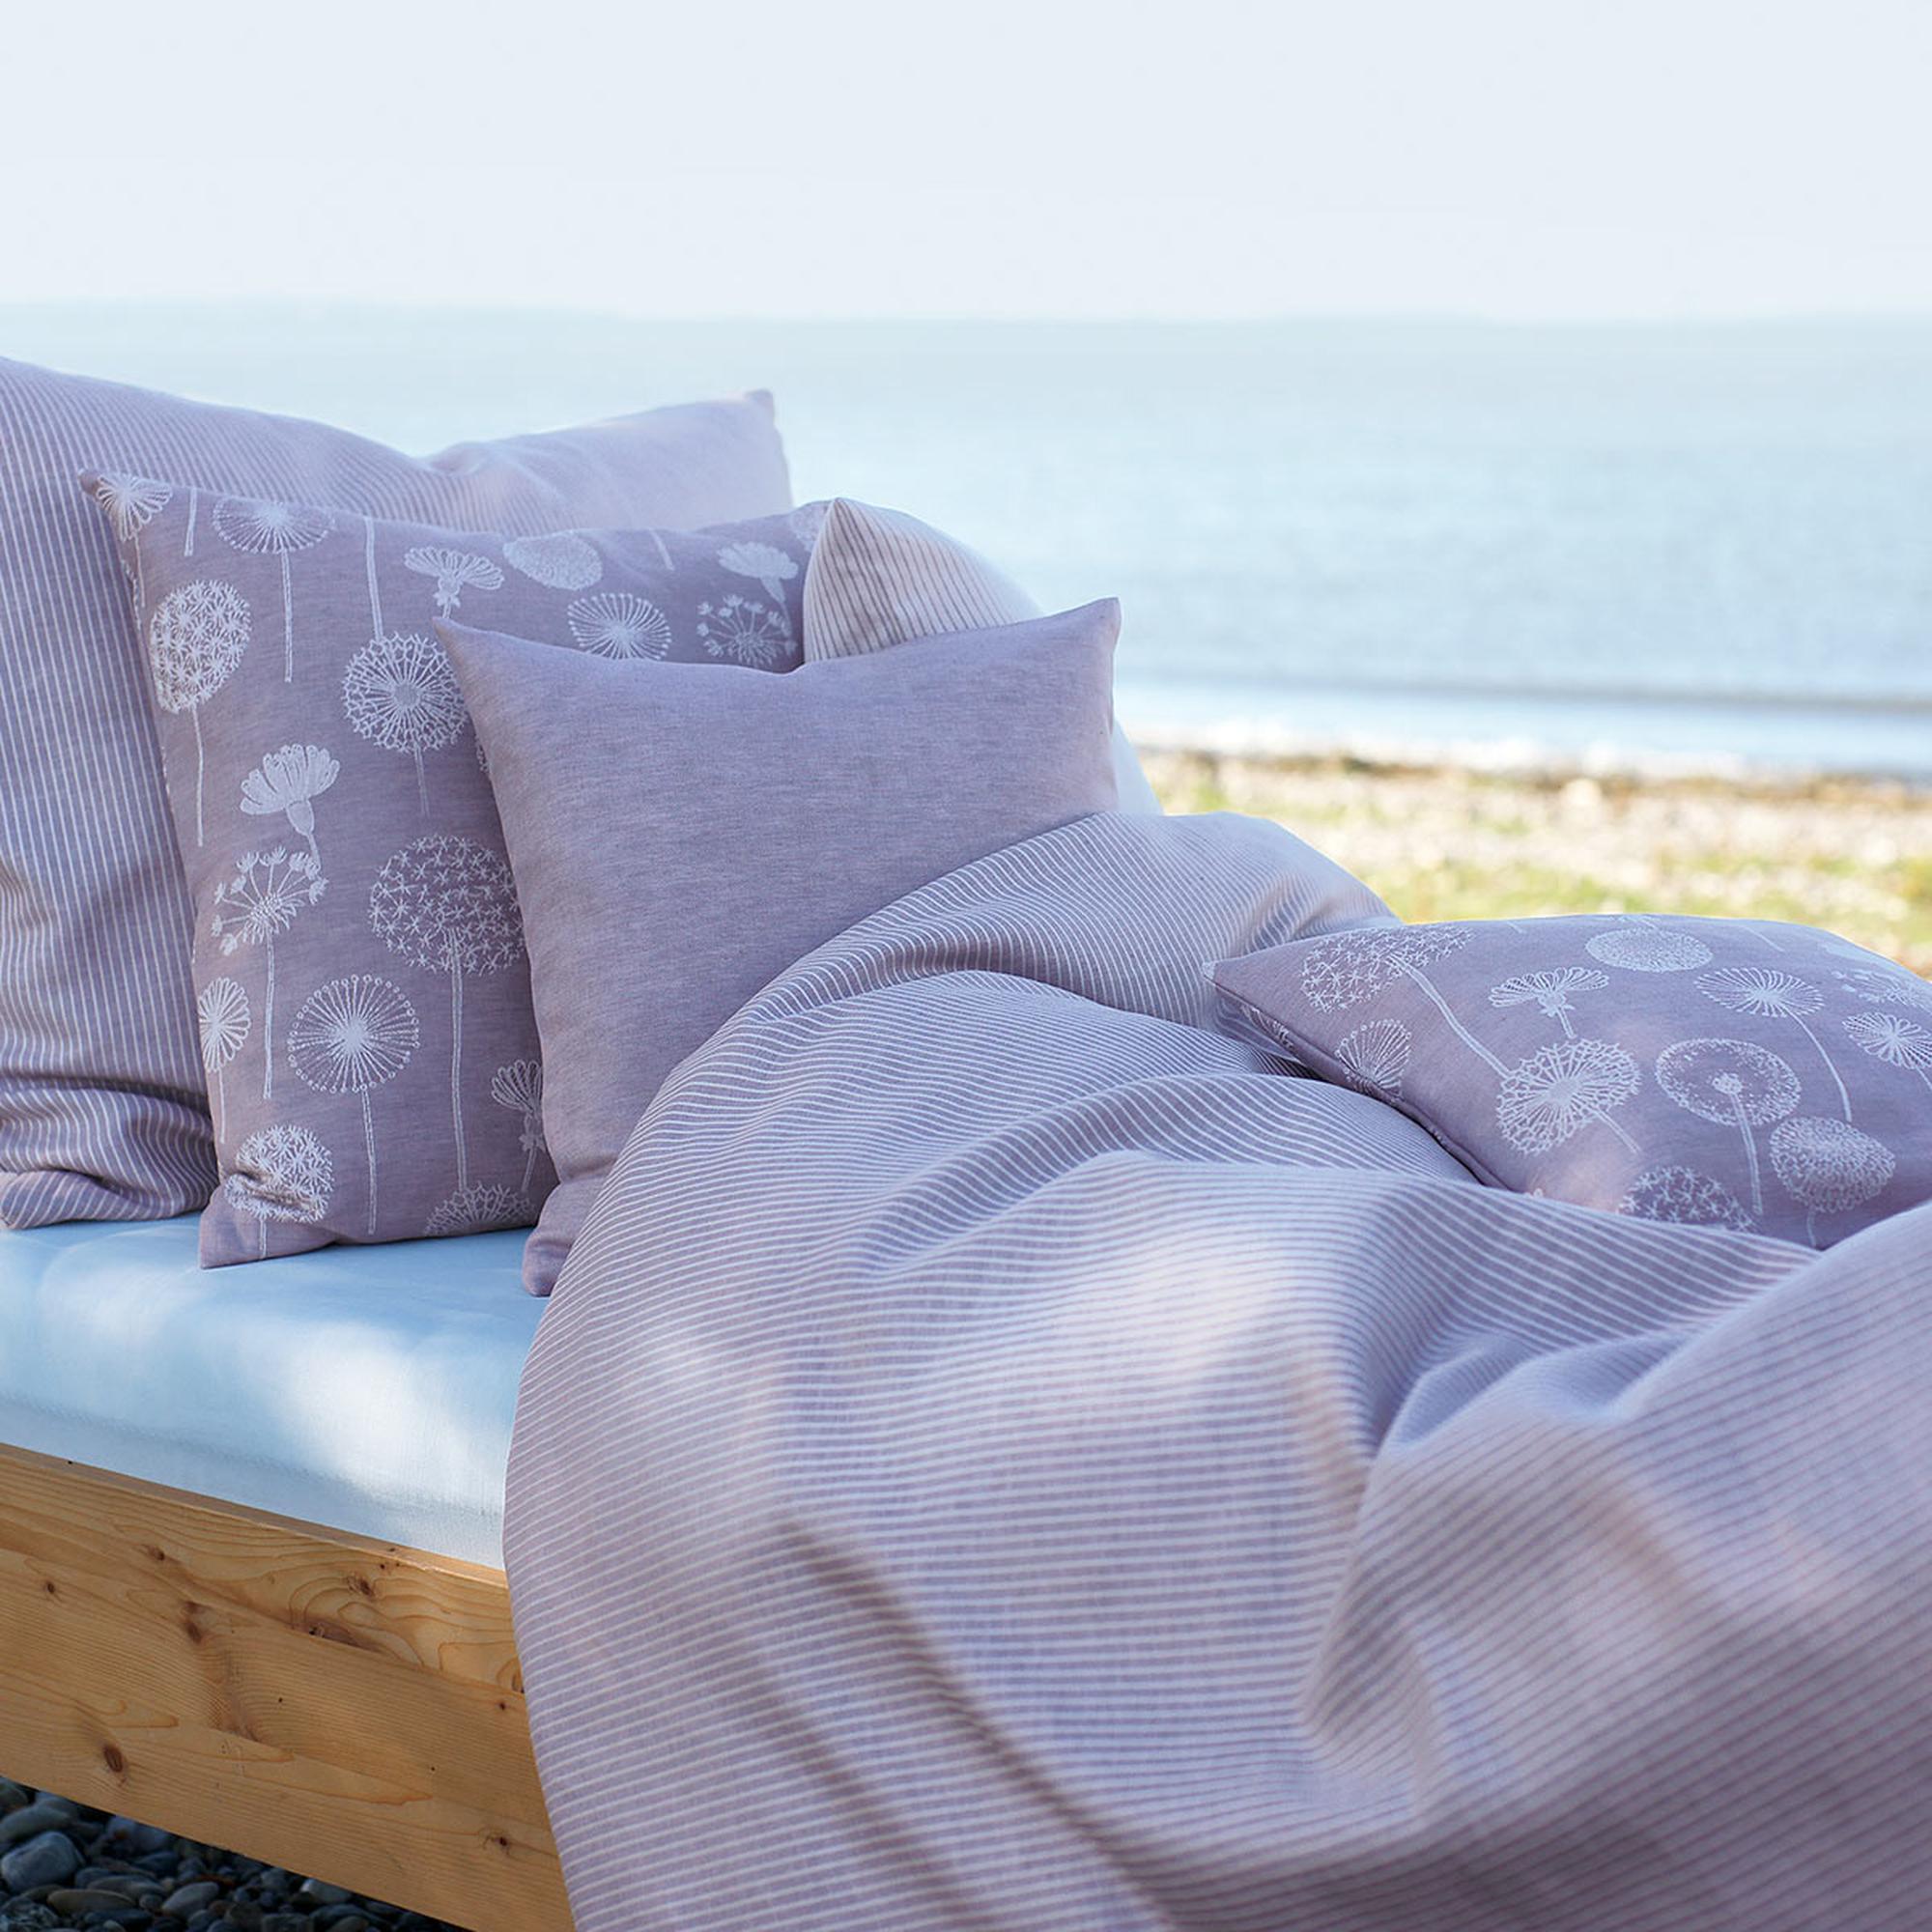 Bettwäsche aus Halbleinen © Stickerei Übelhör